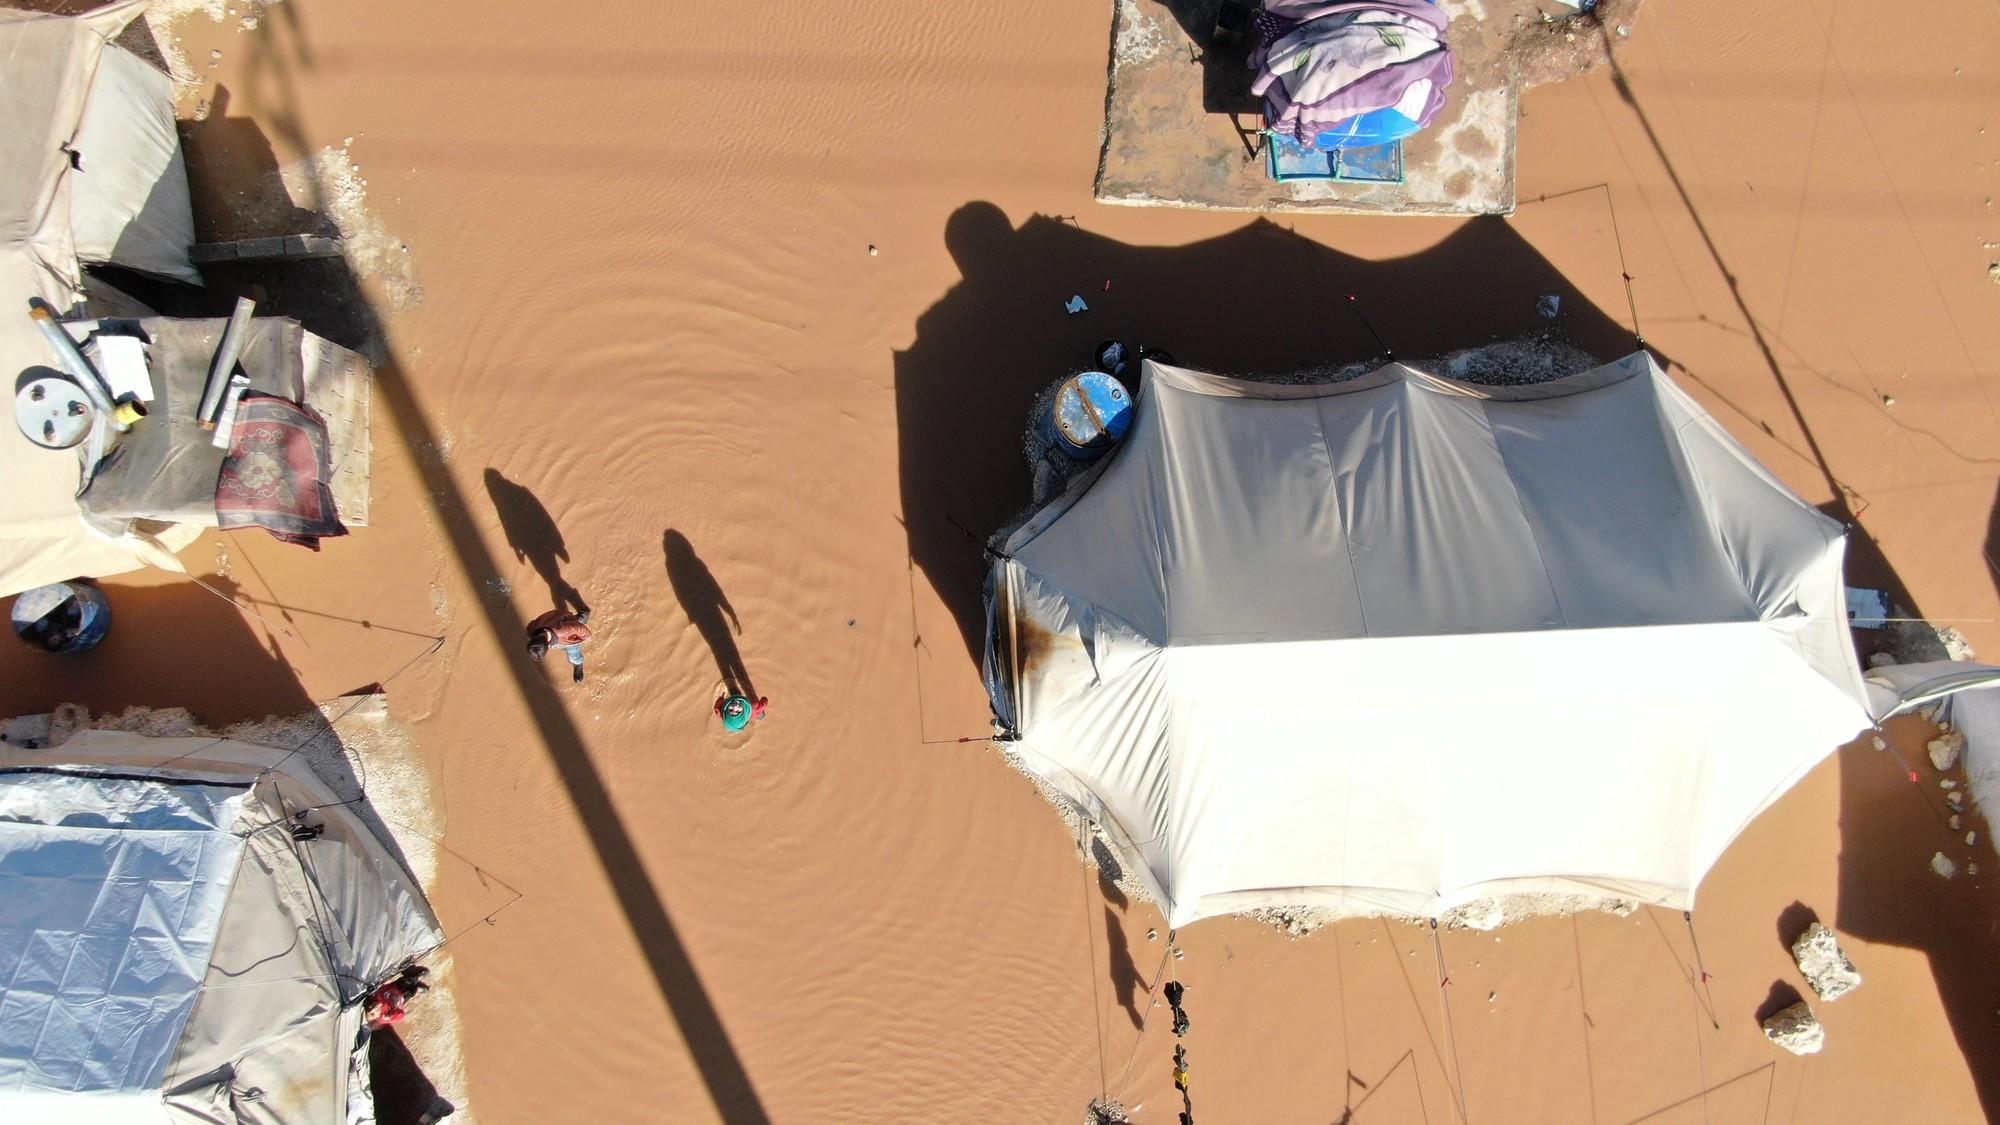 Vista aérea de um acampamento inundado.